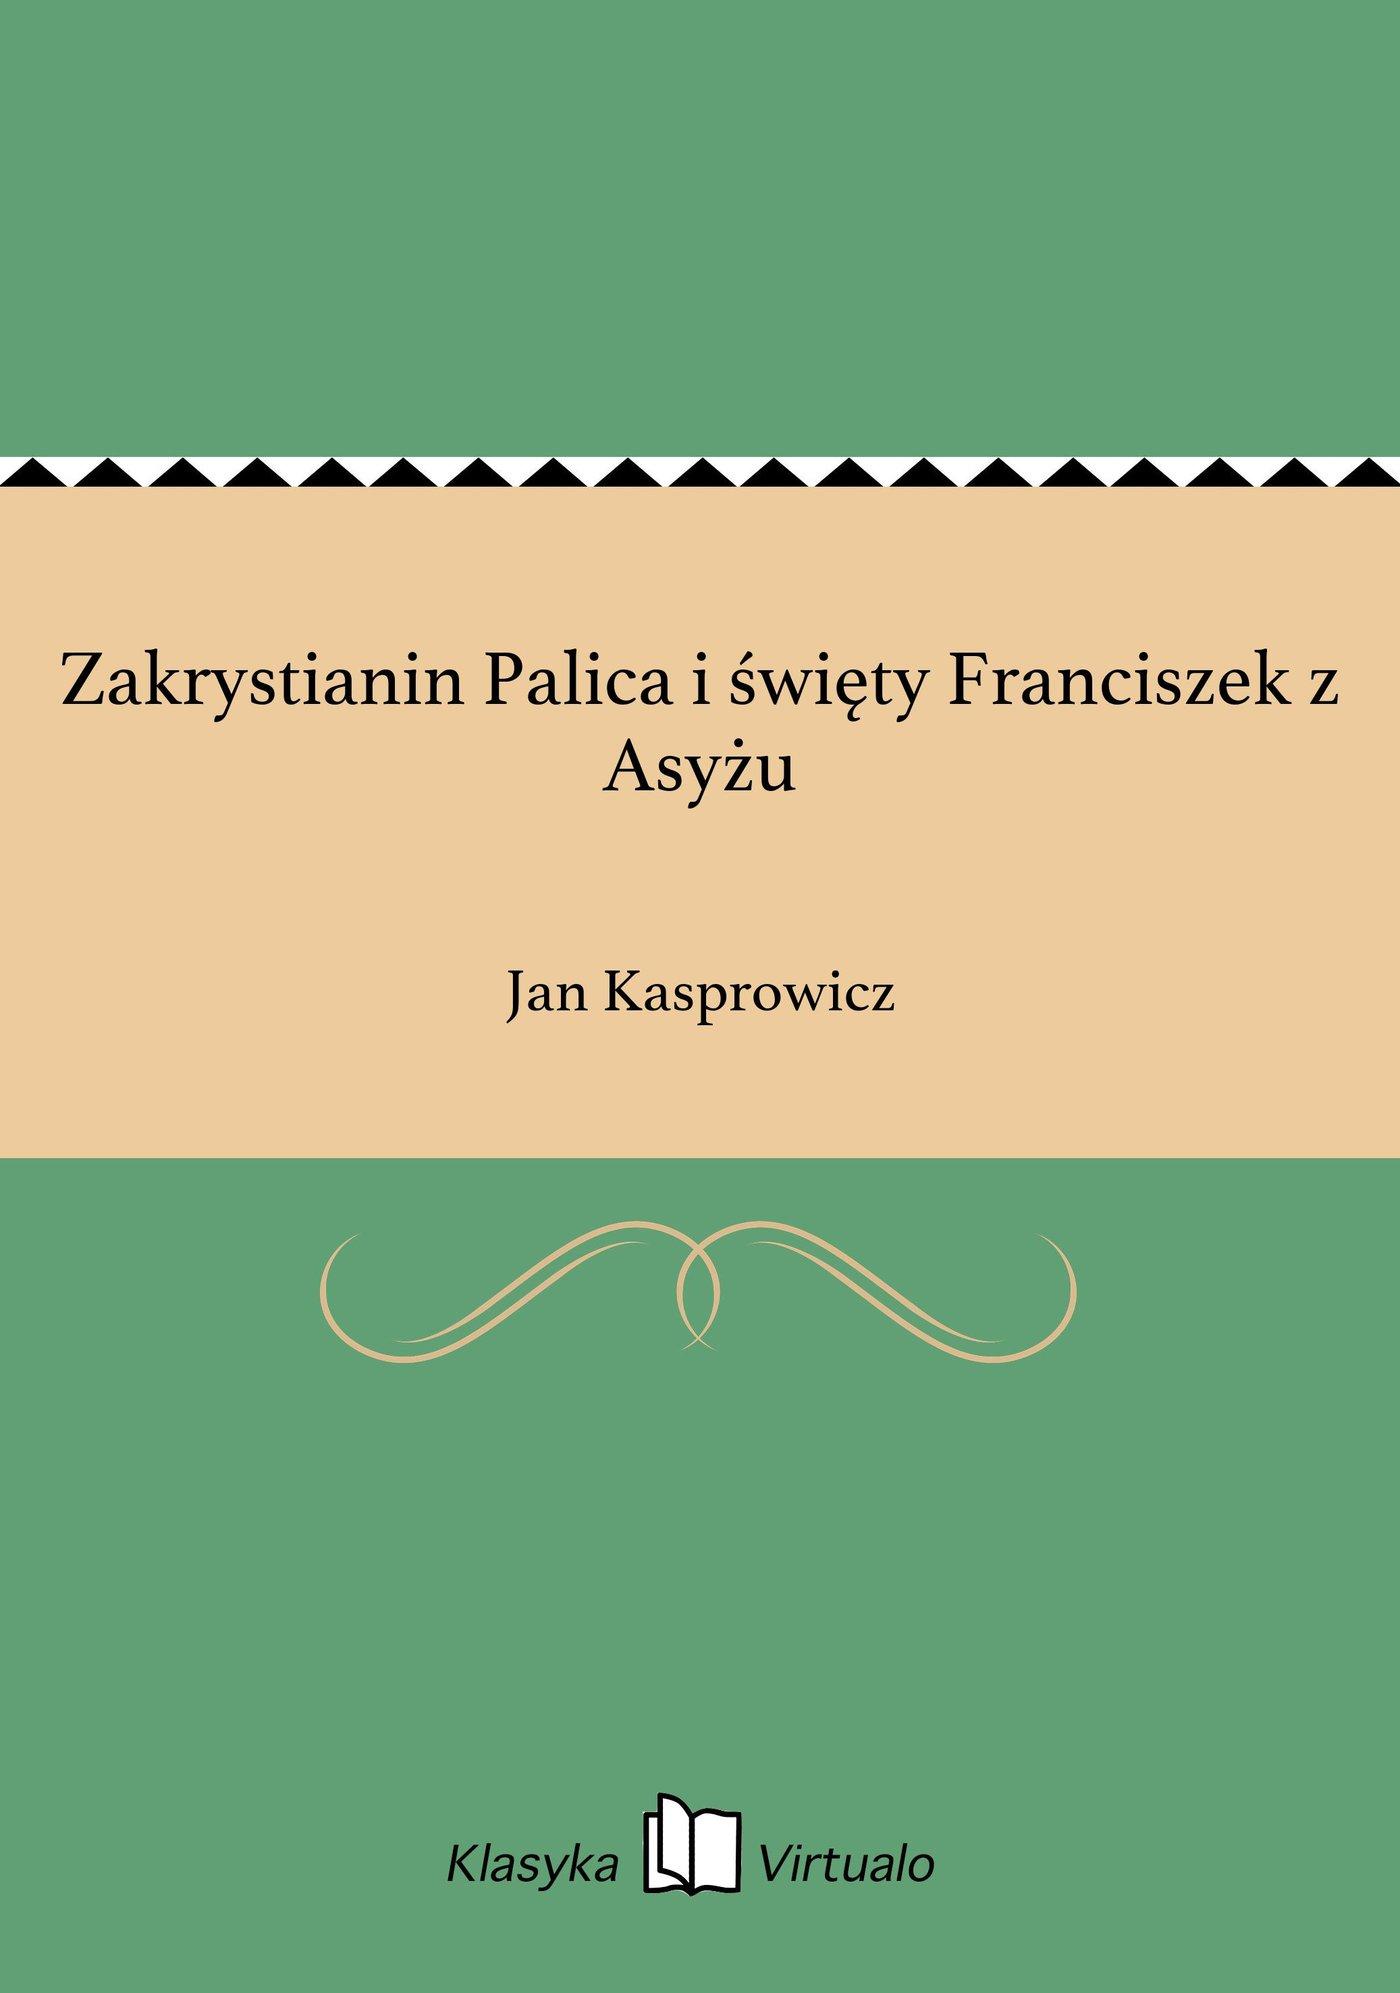 Zakrystianin Palica i święty Franciszek z Asyżu - Ebook (Książka na Kindle) do pobrania w formacie MOBI